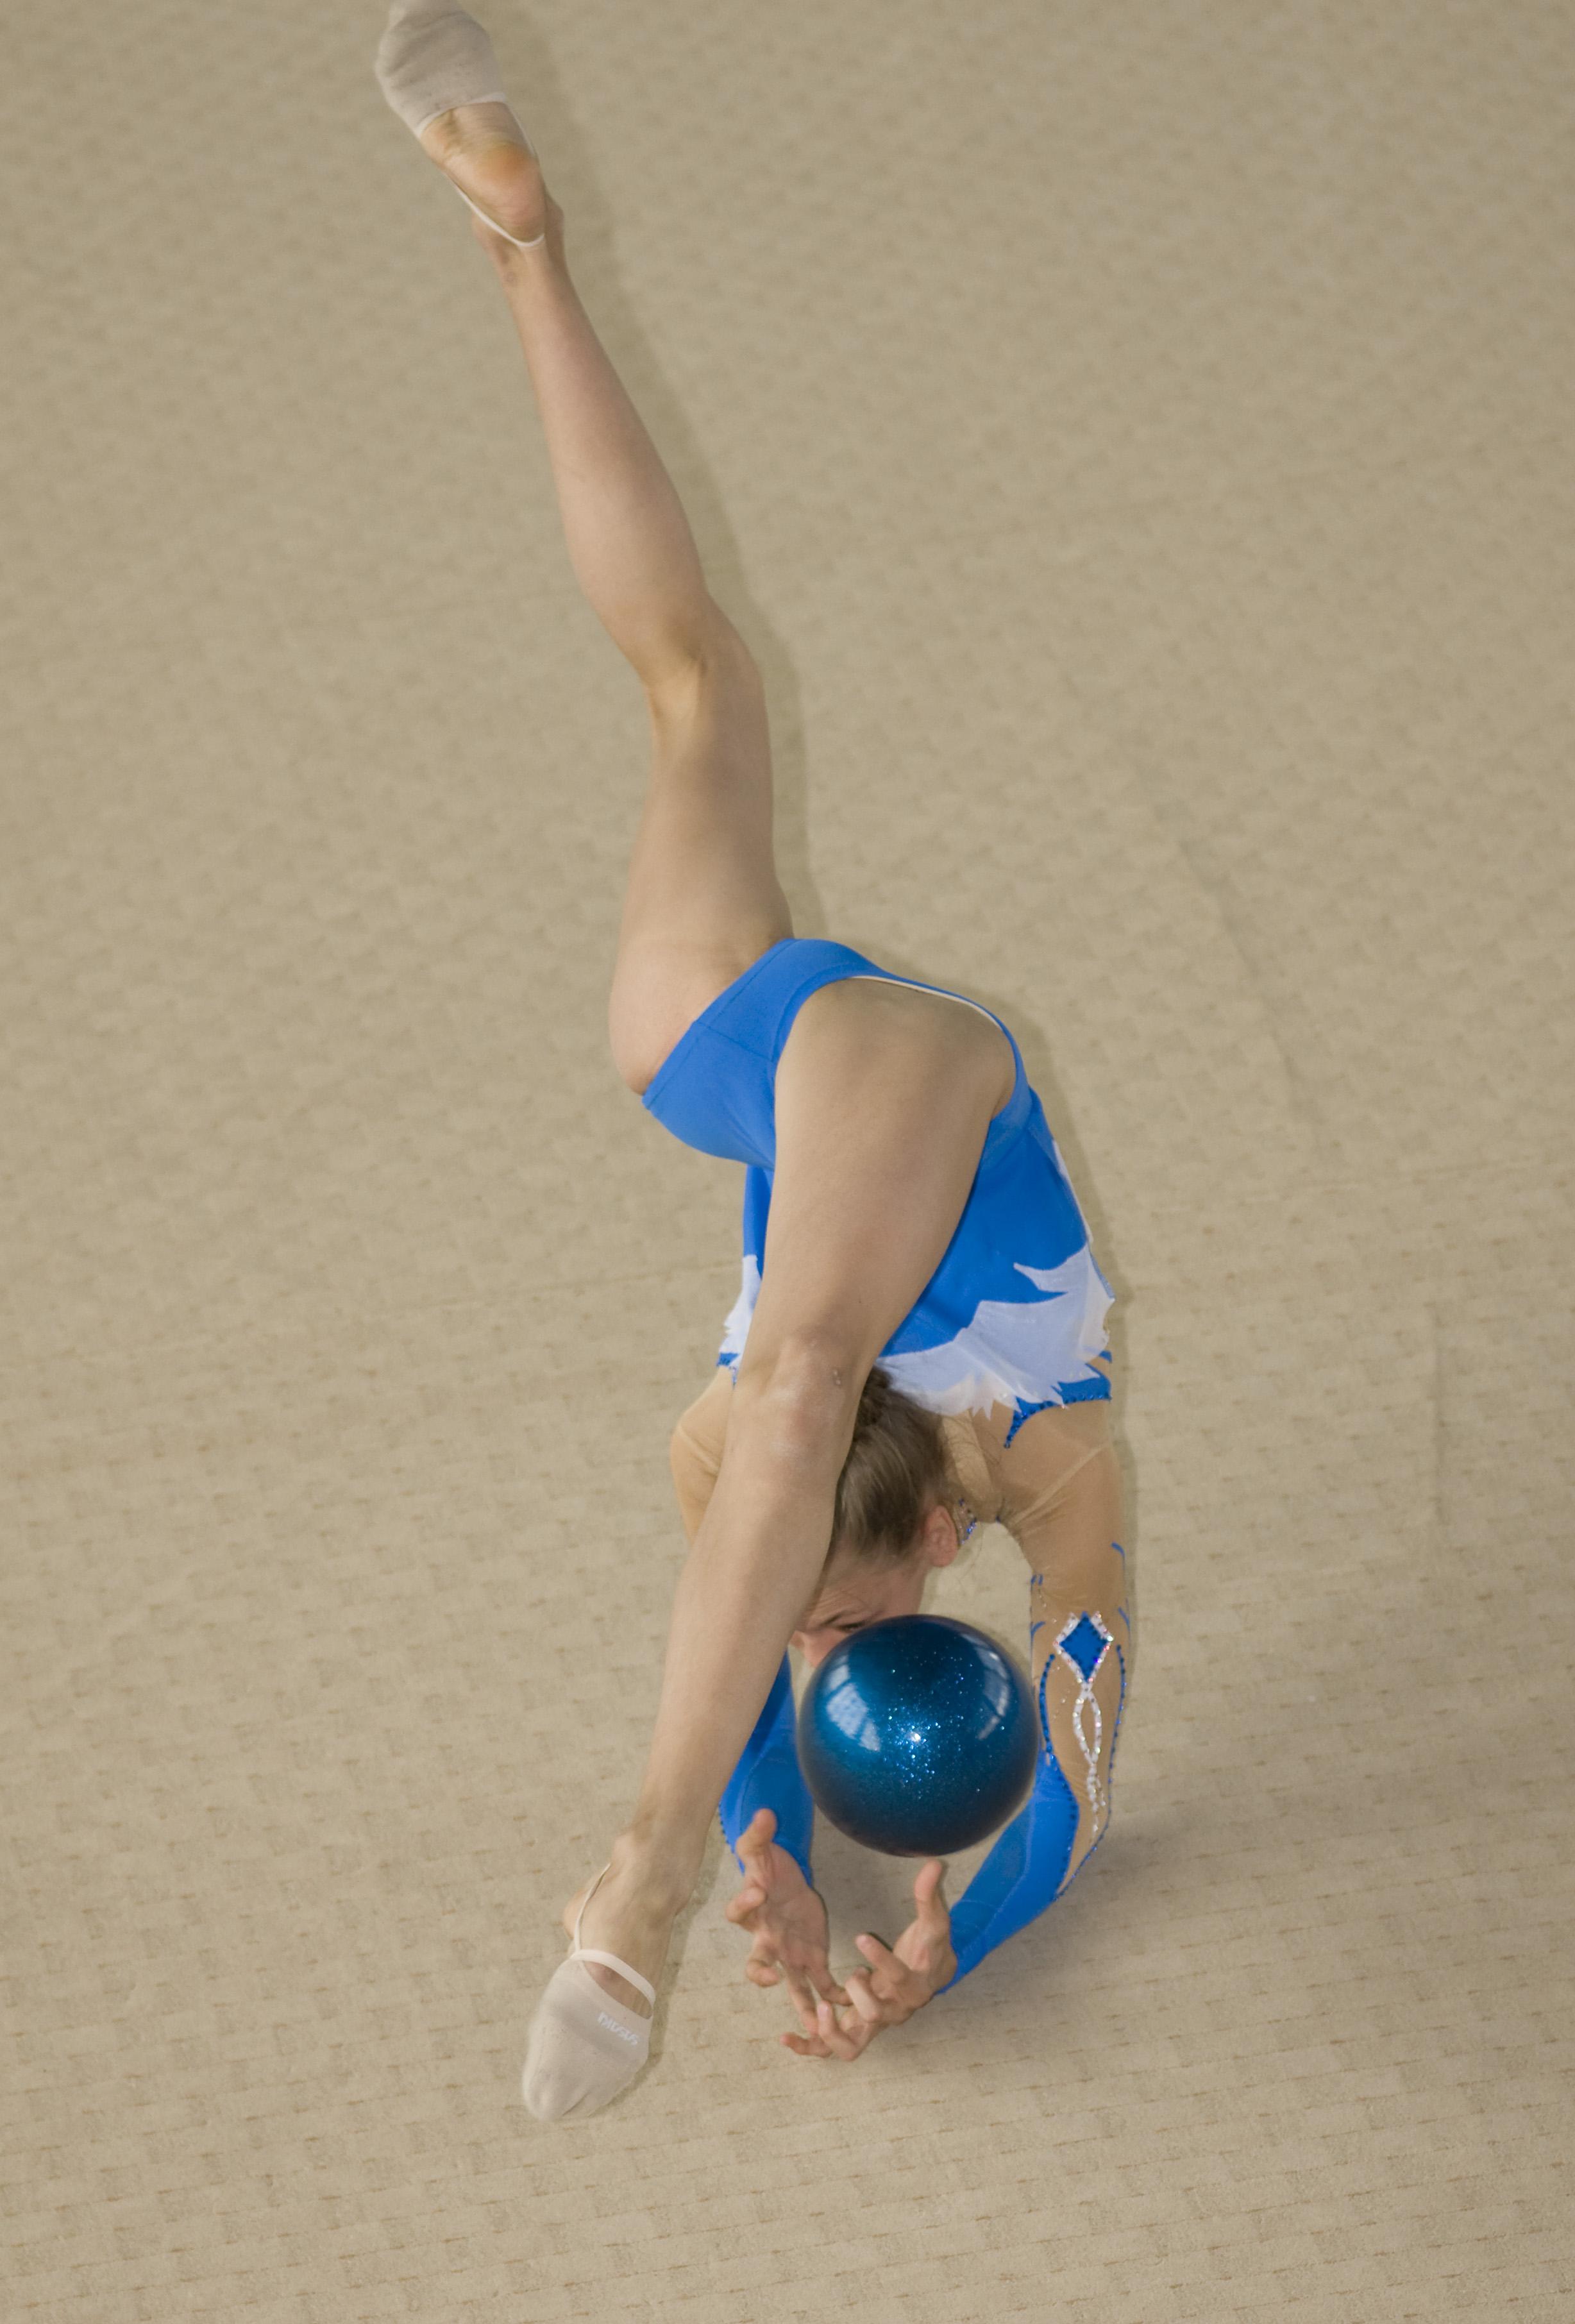 Художественная гимнастика фото ню 13 фотография